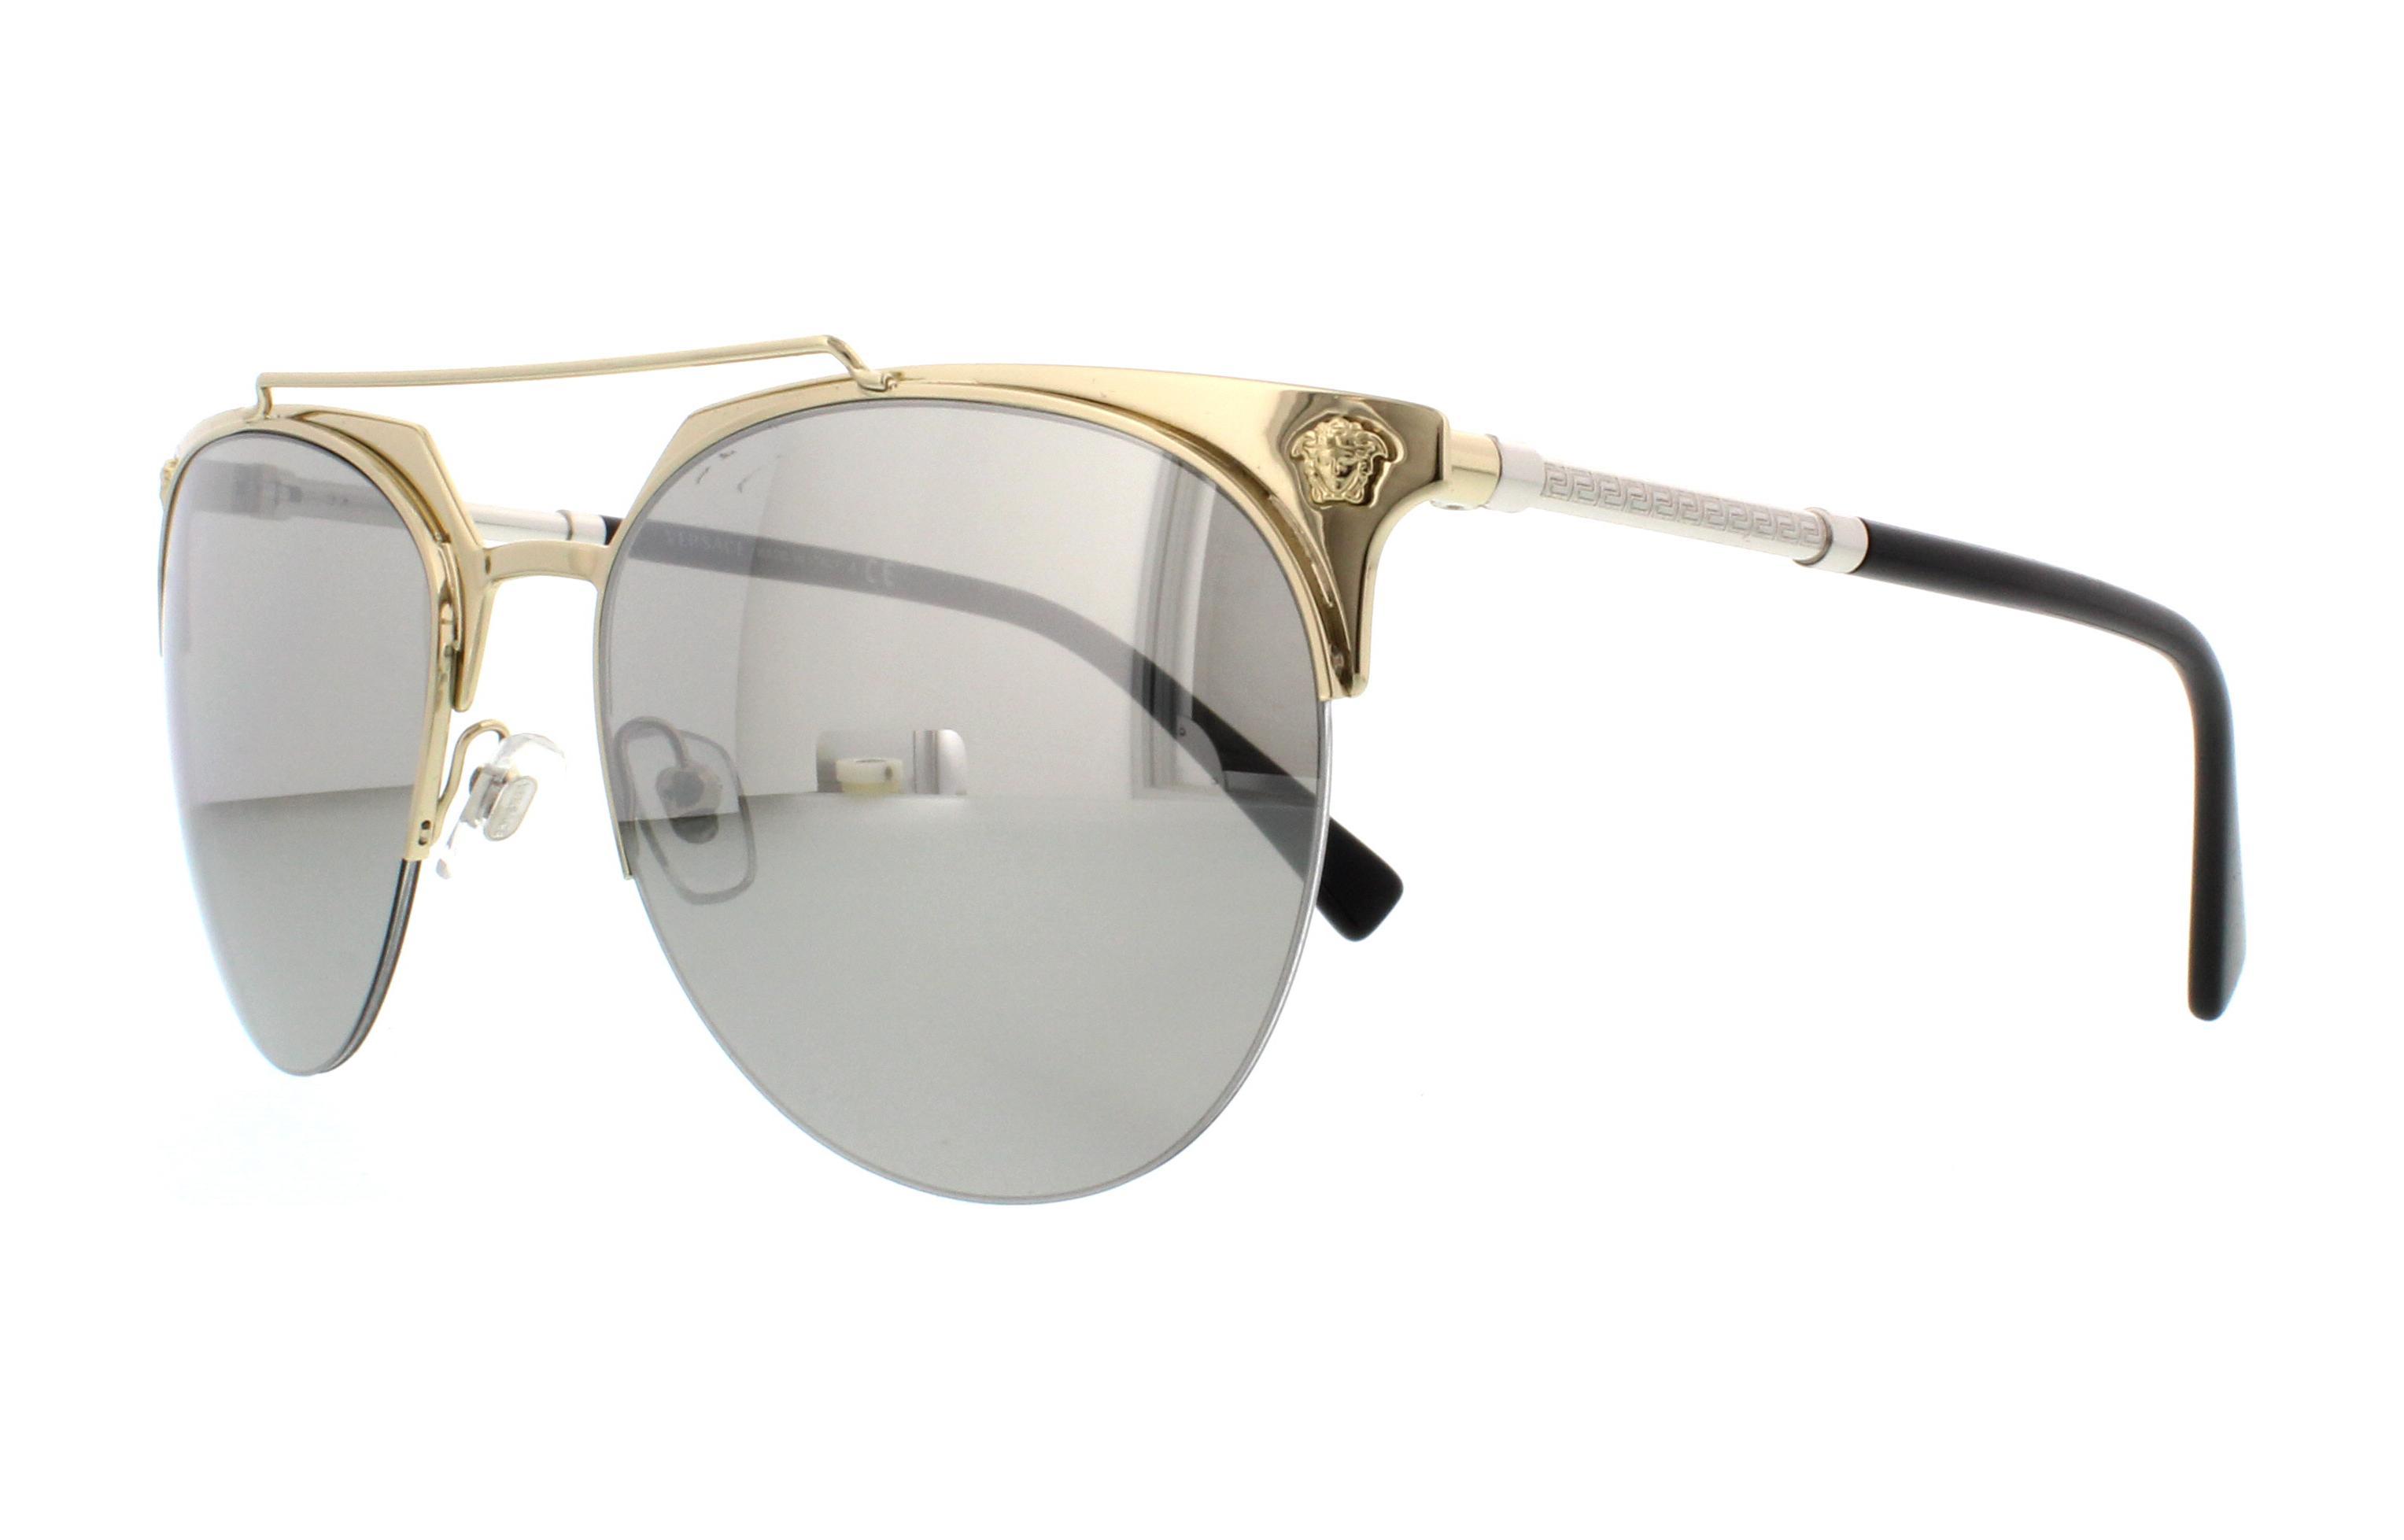 7368a56d4ea VERSACE Sunglasses VE2181 12526G Pale Gold 57MM 8053672755404